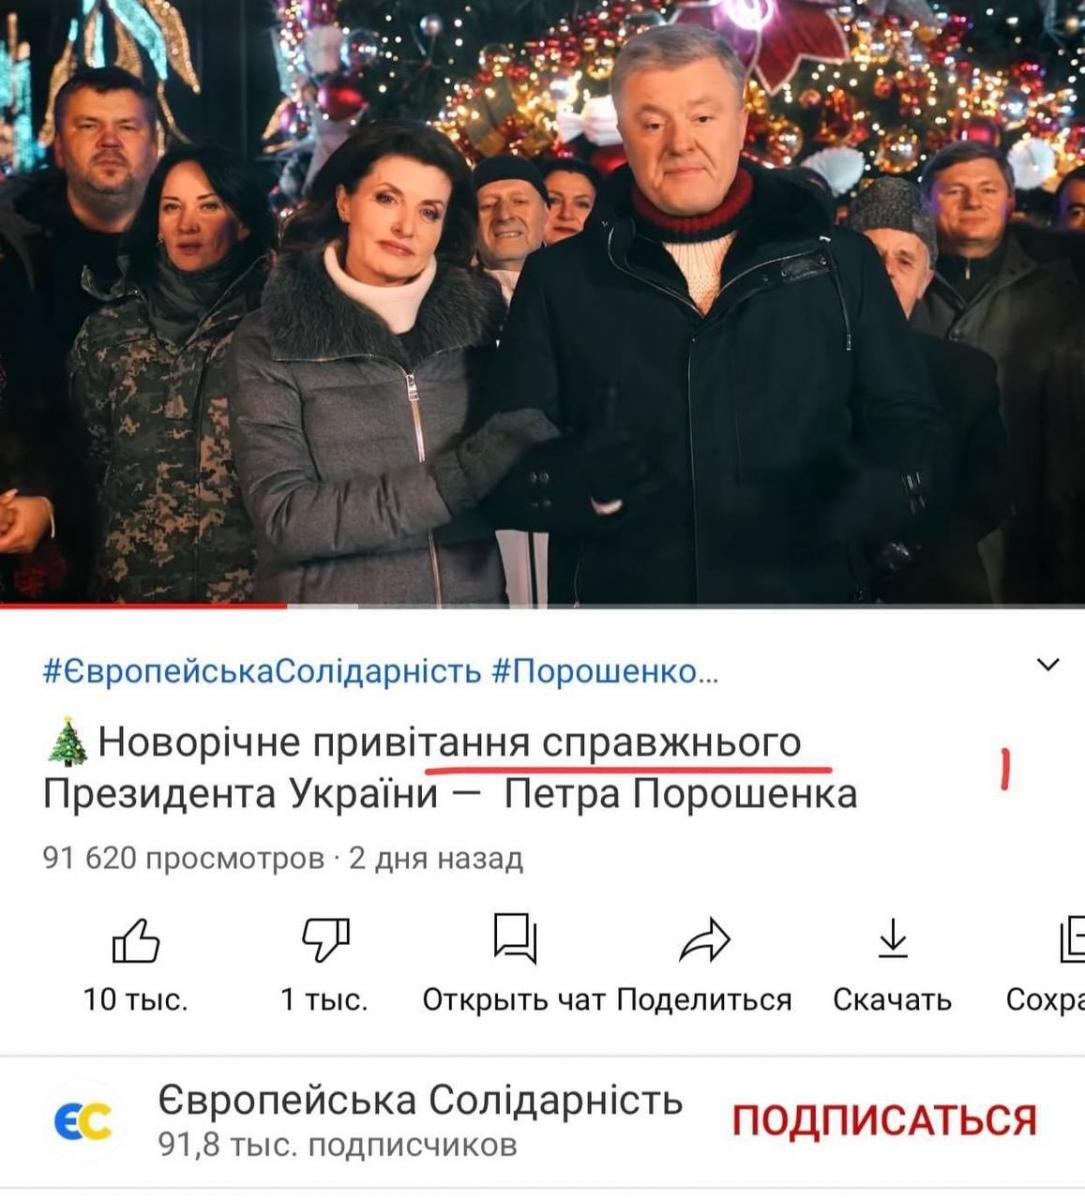 порошенко справжній президент